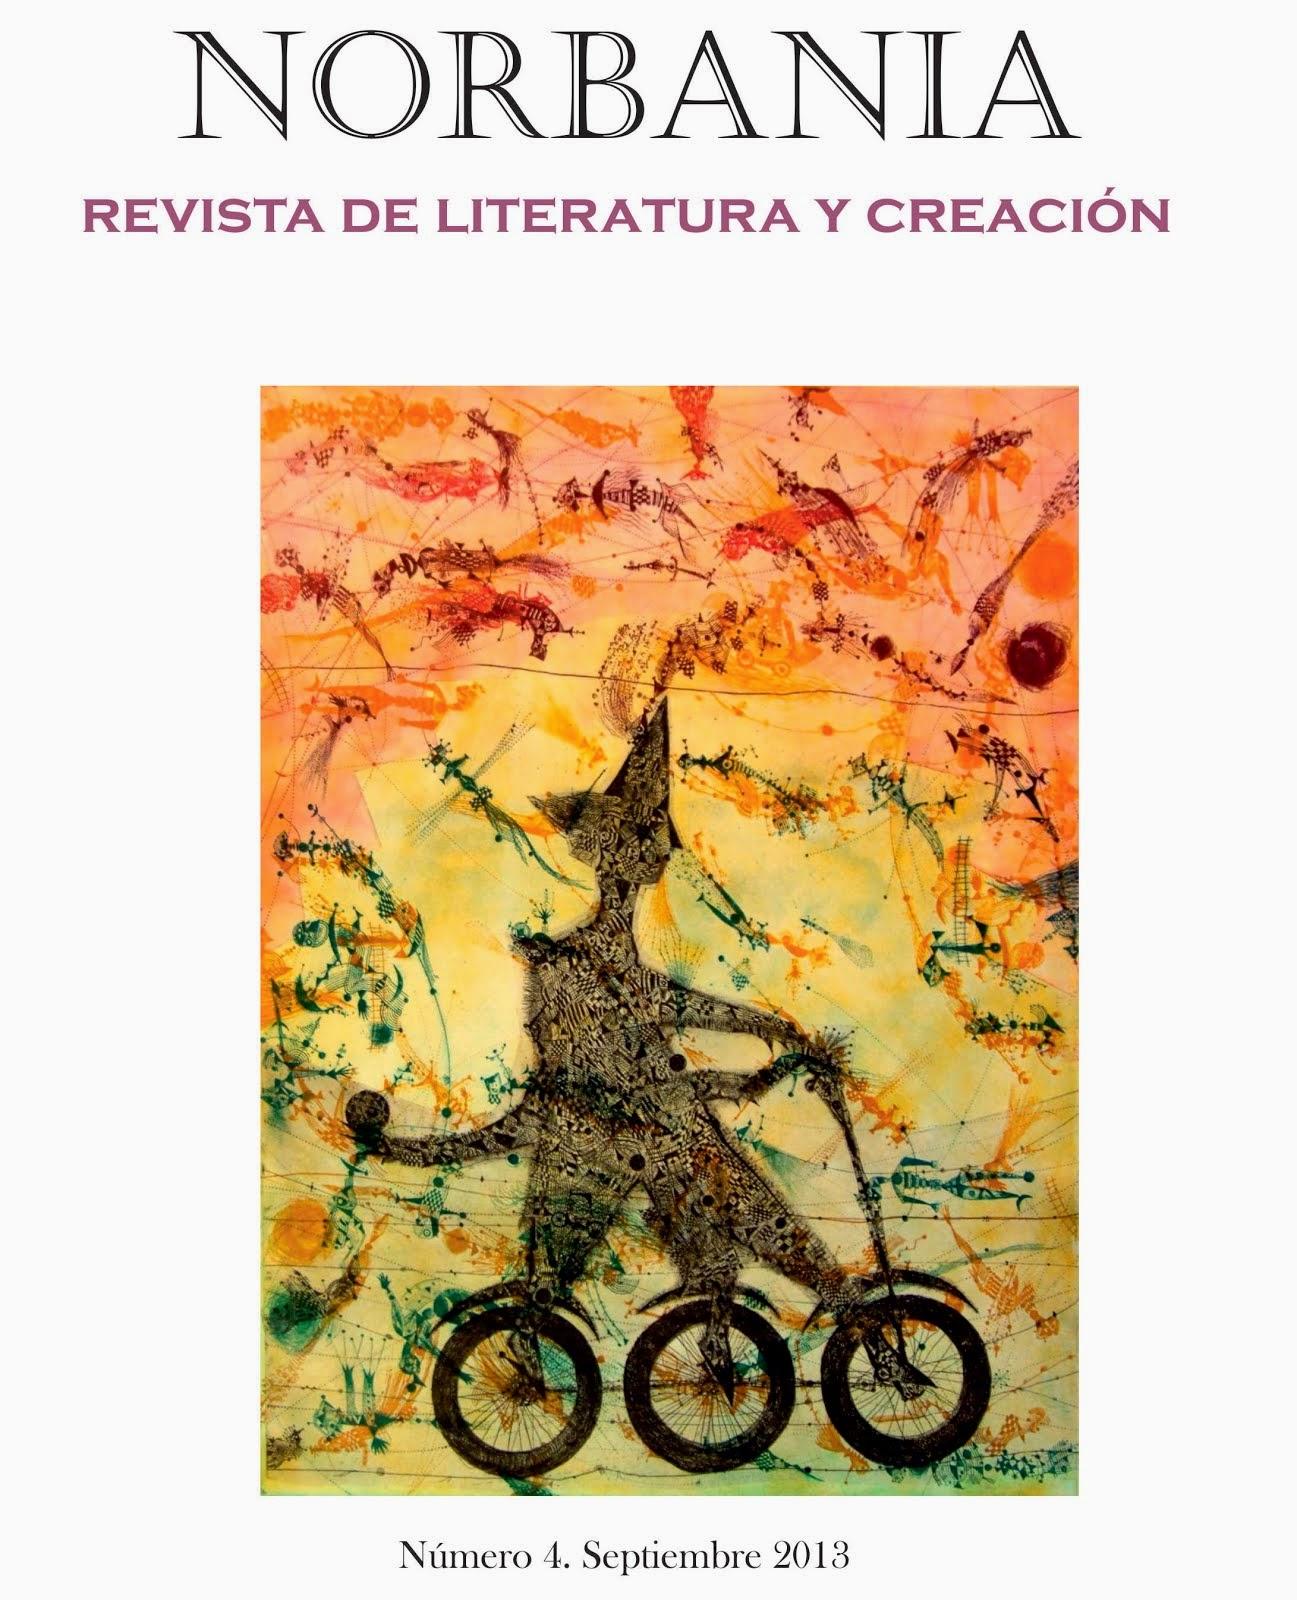 NORBANIA, Revista de Literatura y Creación número 4